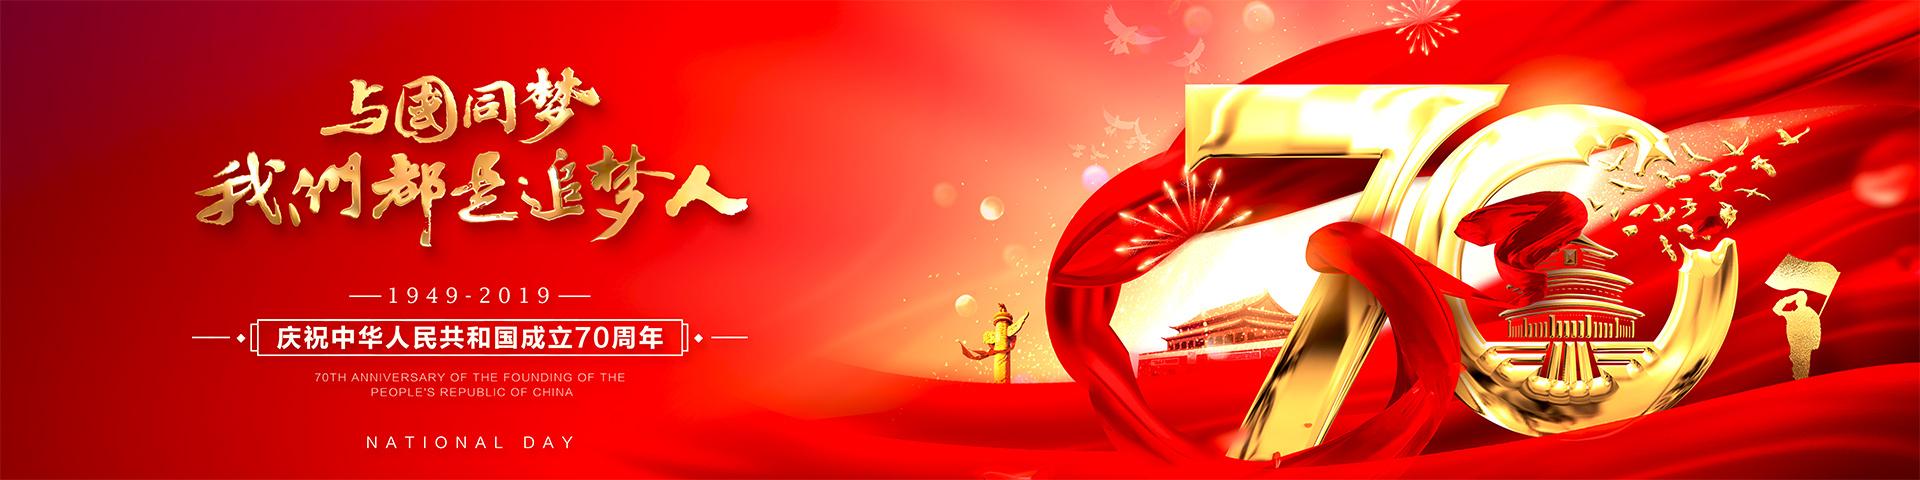 喜迎国庆嗨翻天,对祖国和可靠性网写祝福,赢金币!